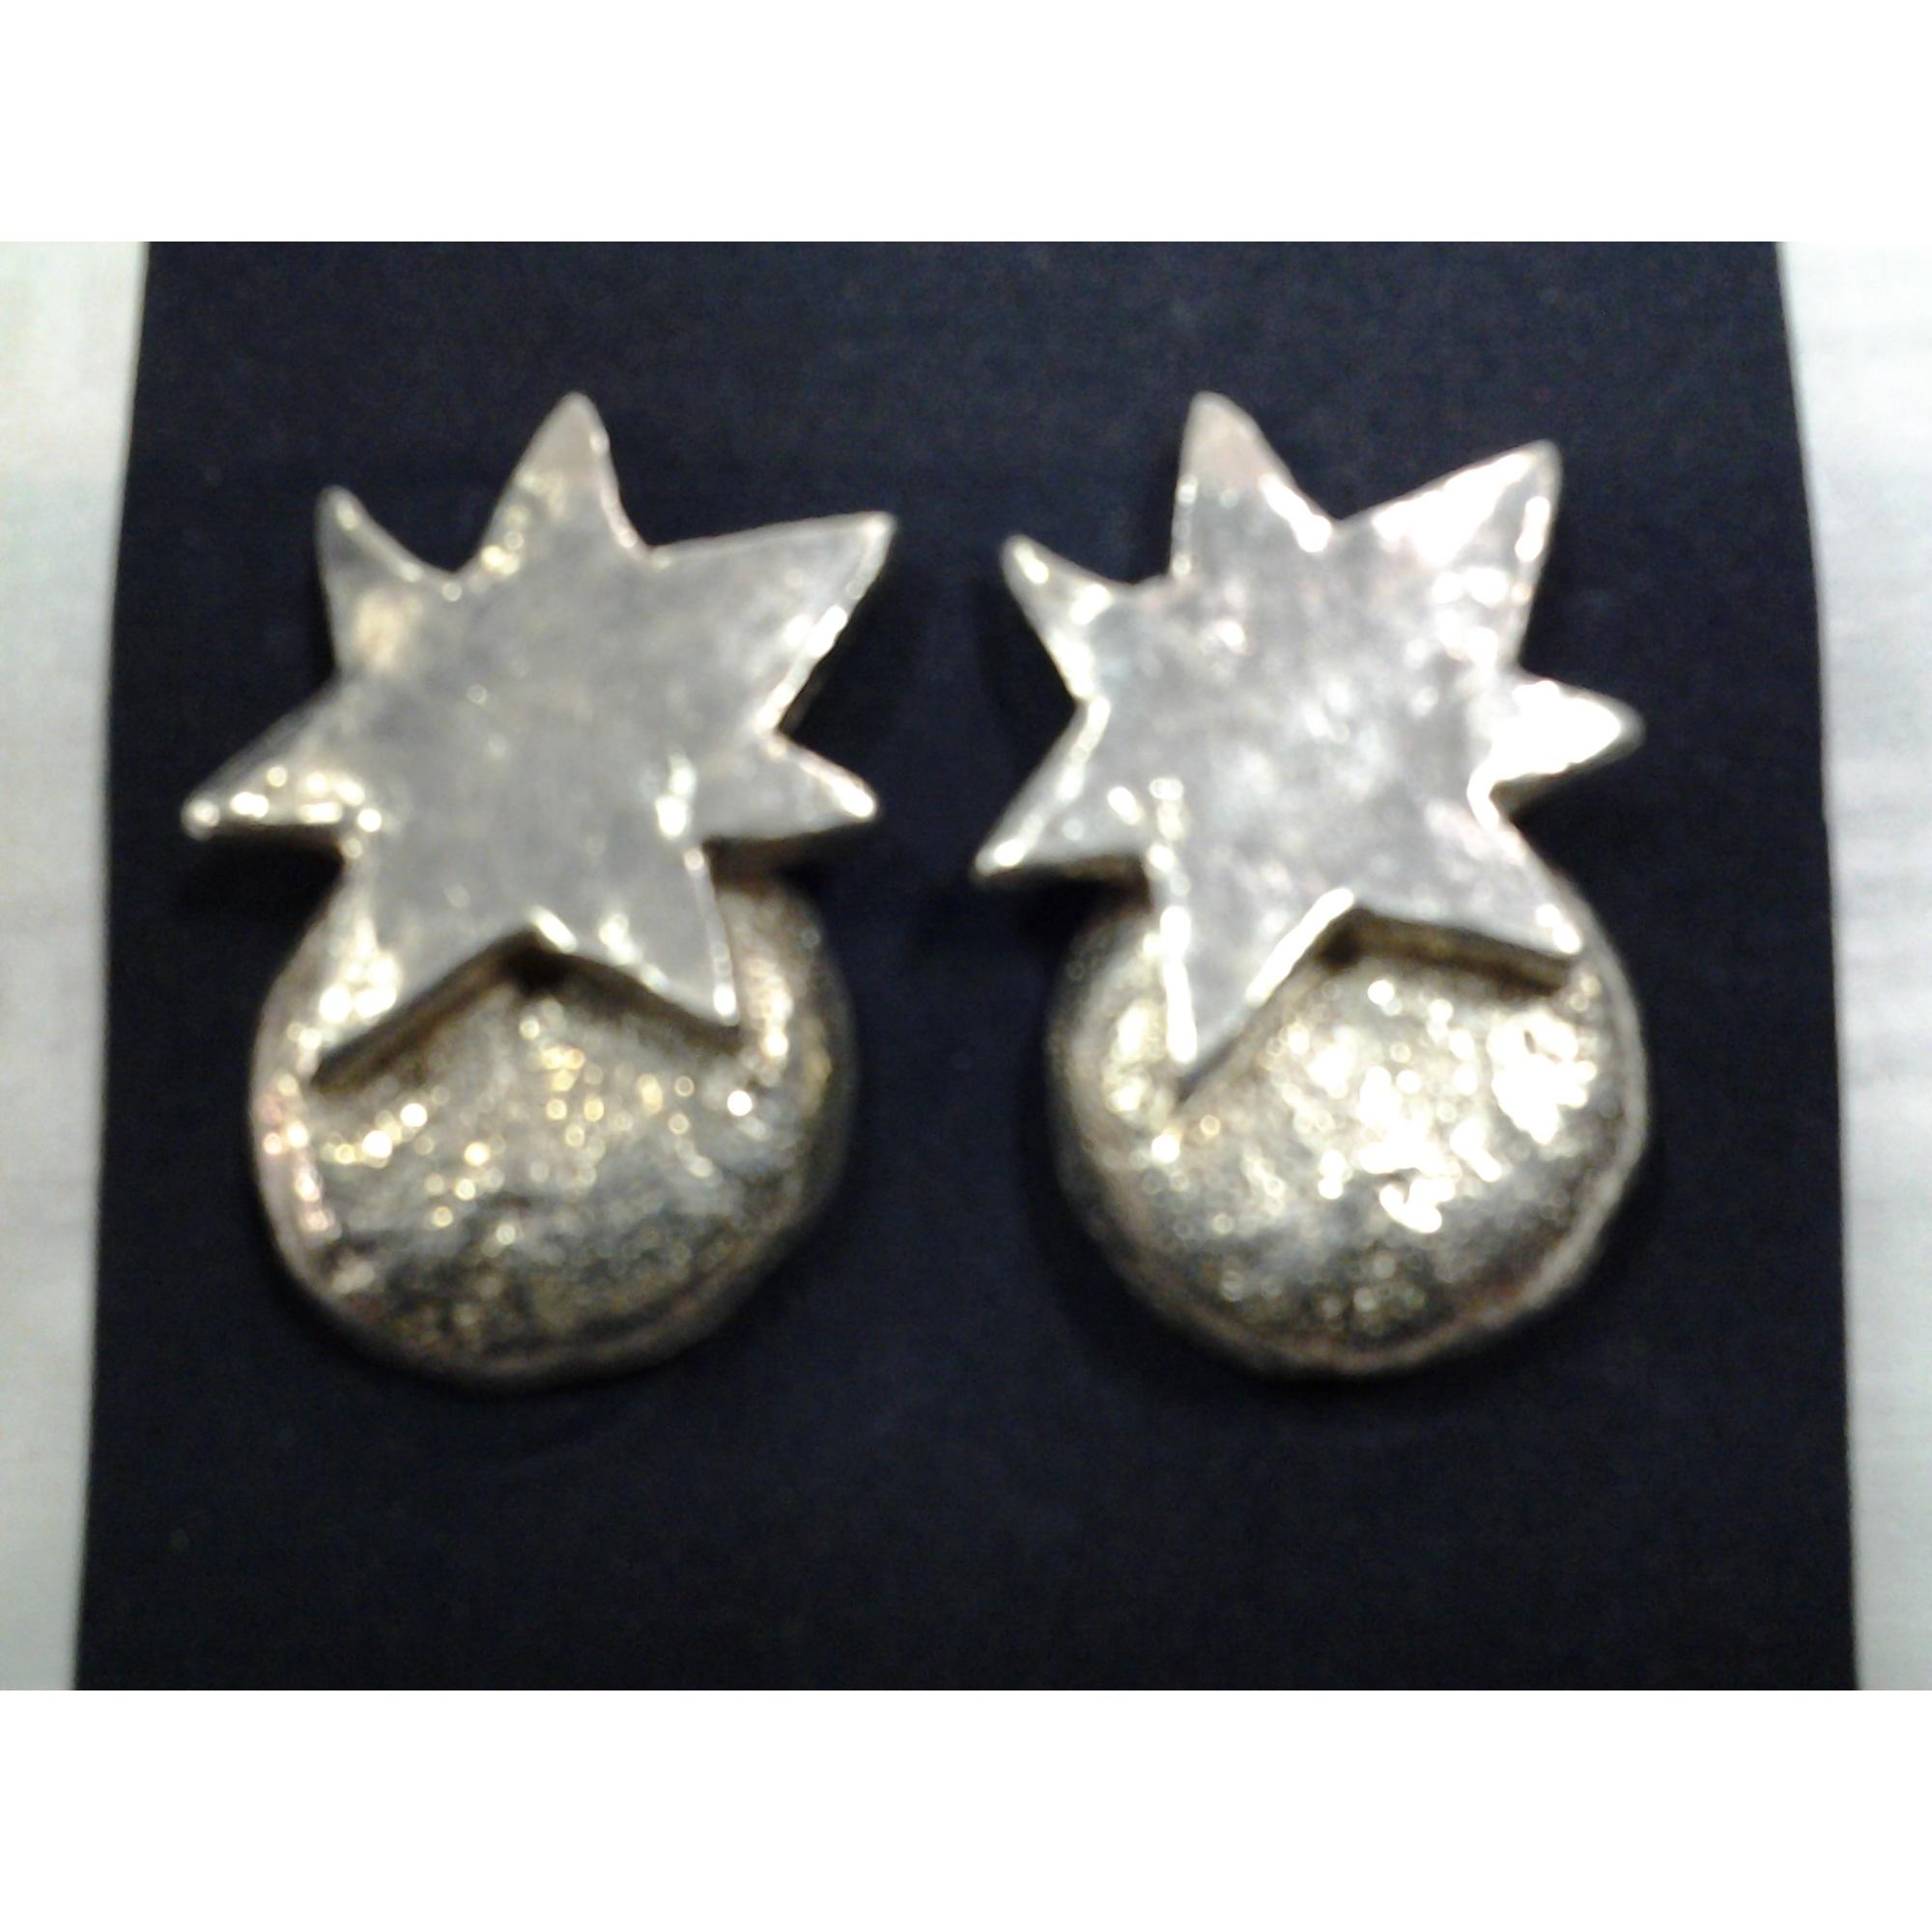 Boucles d'oreille DELPHINE NARDIN  métal argent